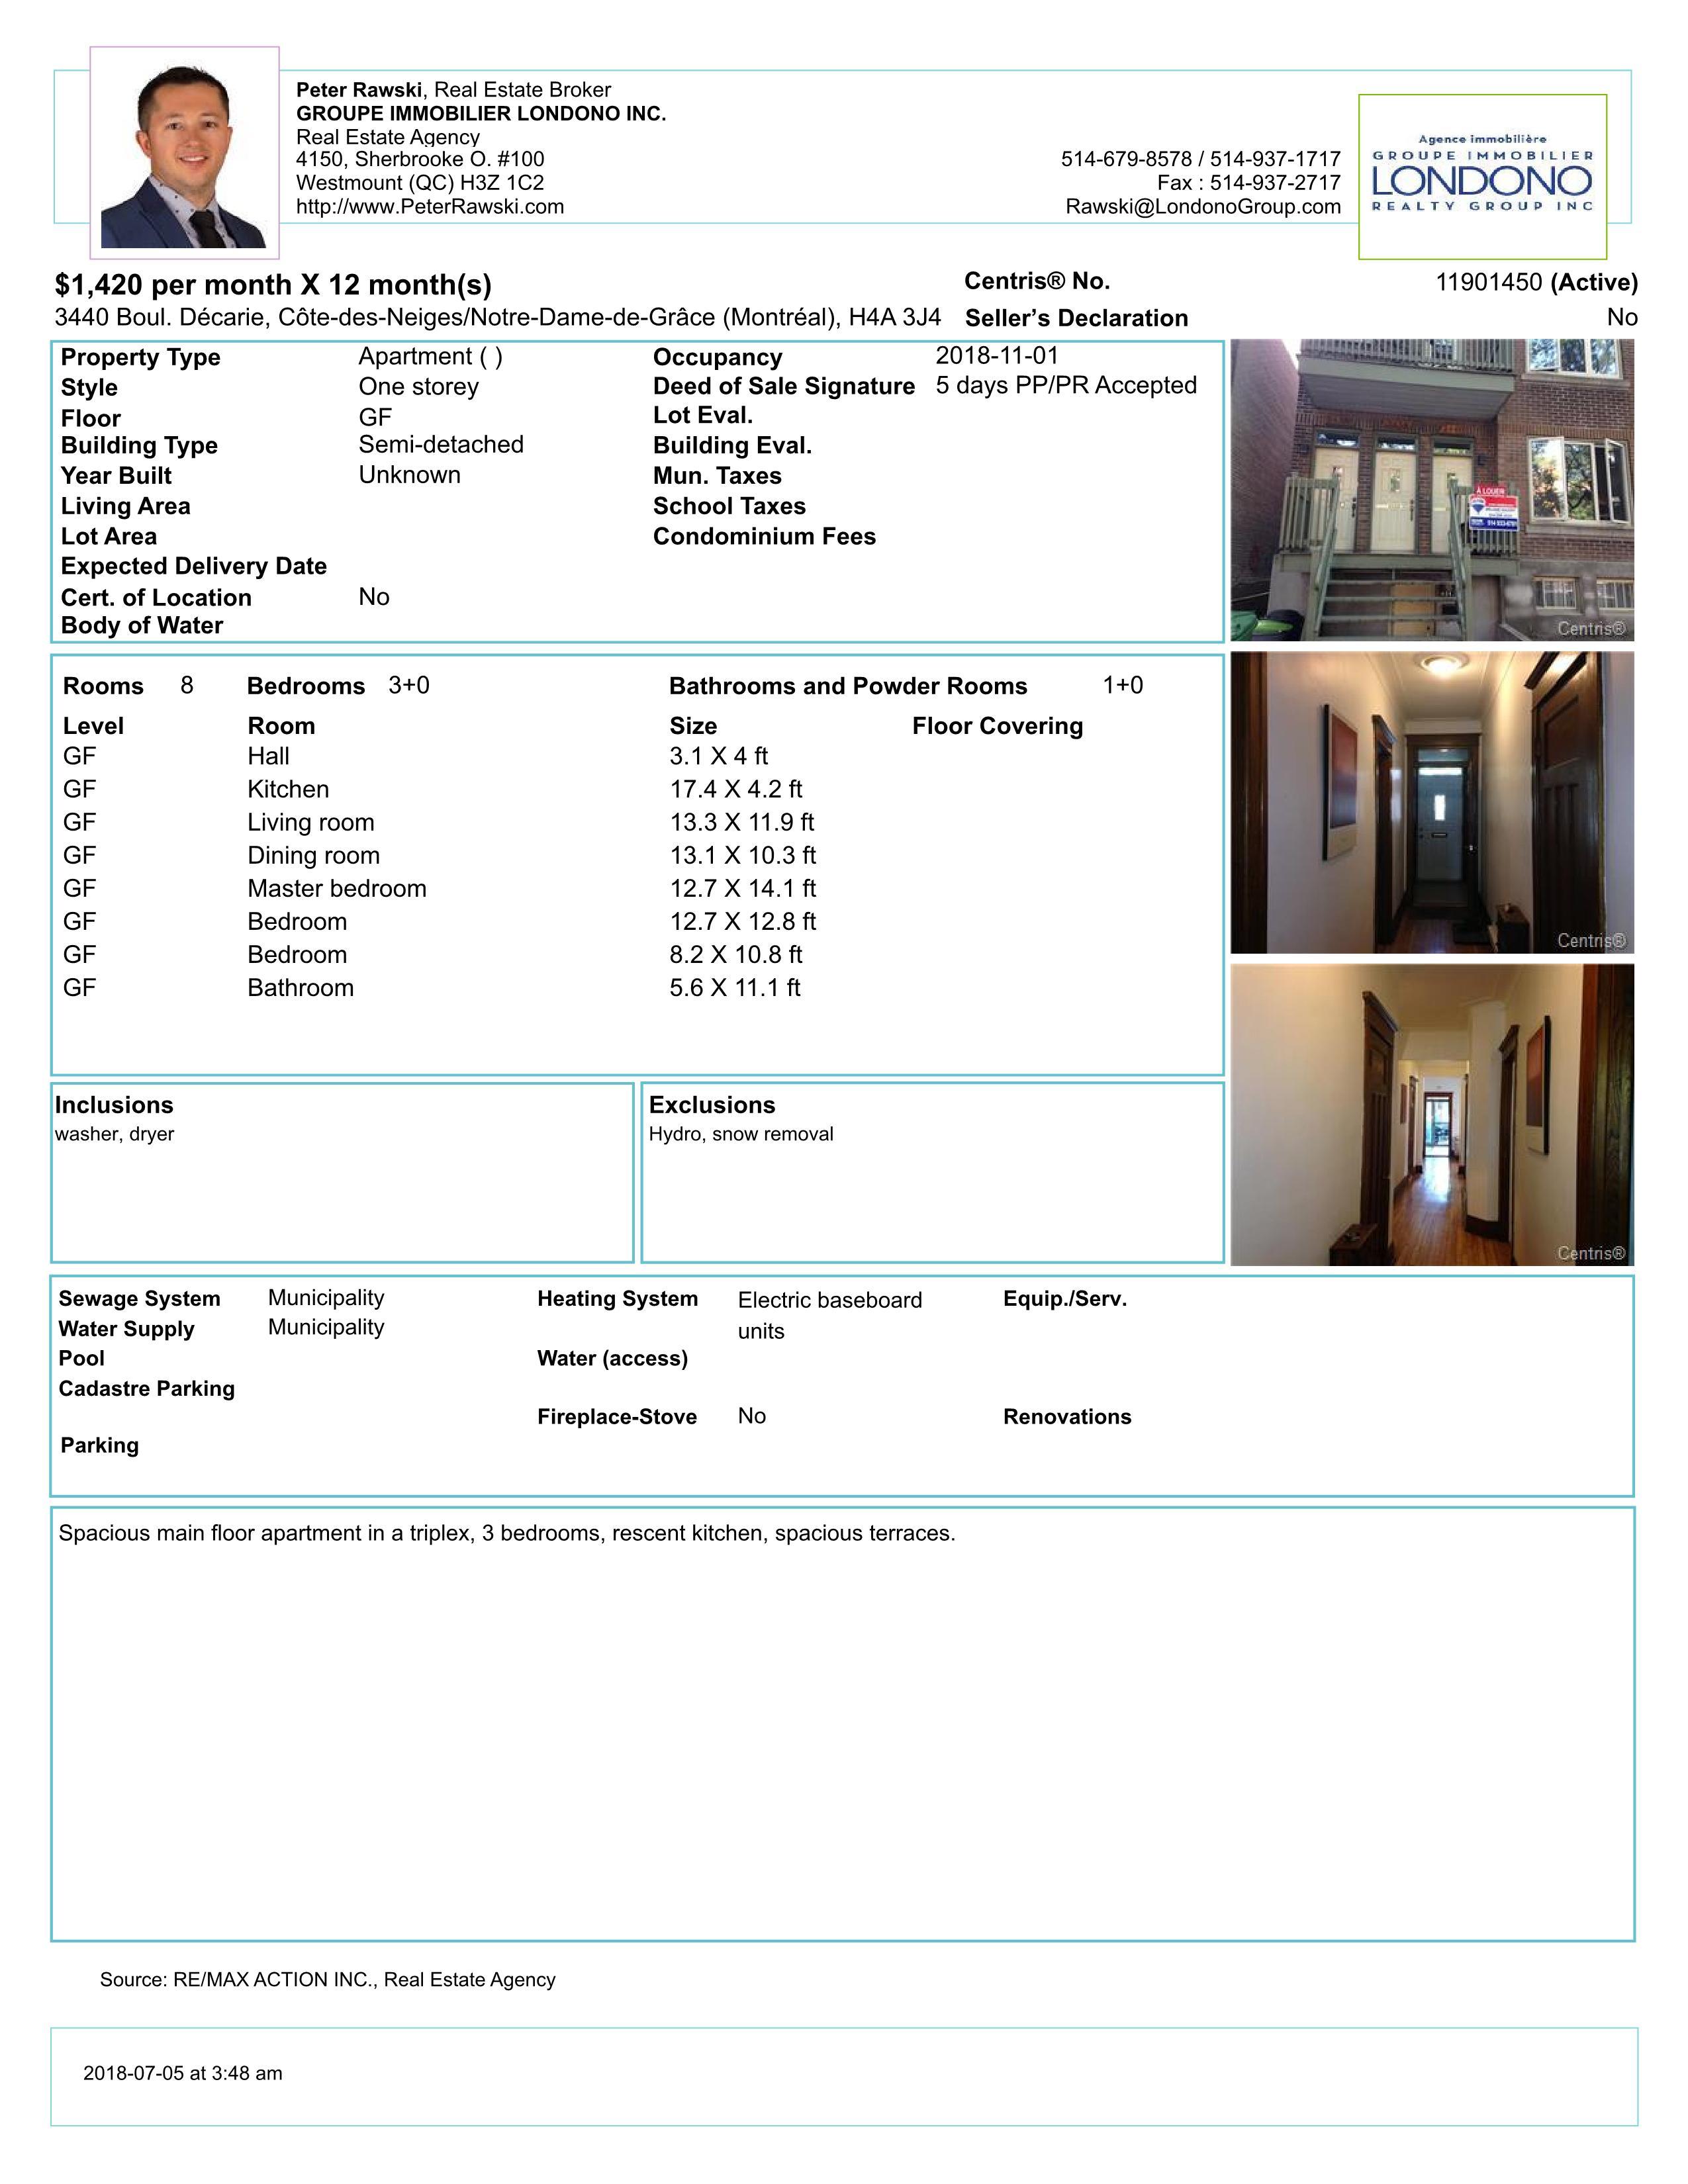 3br_apt_DT_mtl_1k-2k_page_9